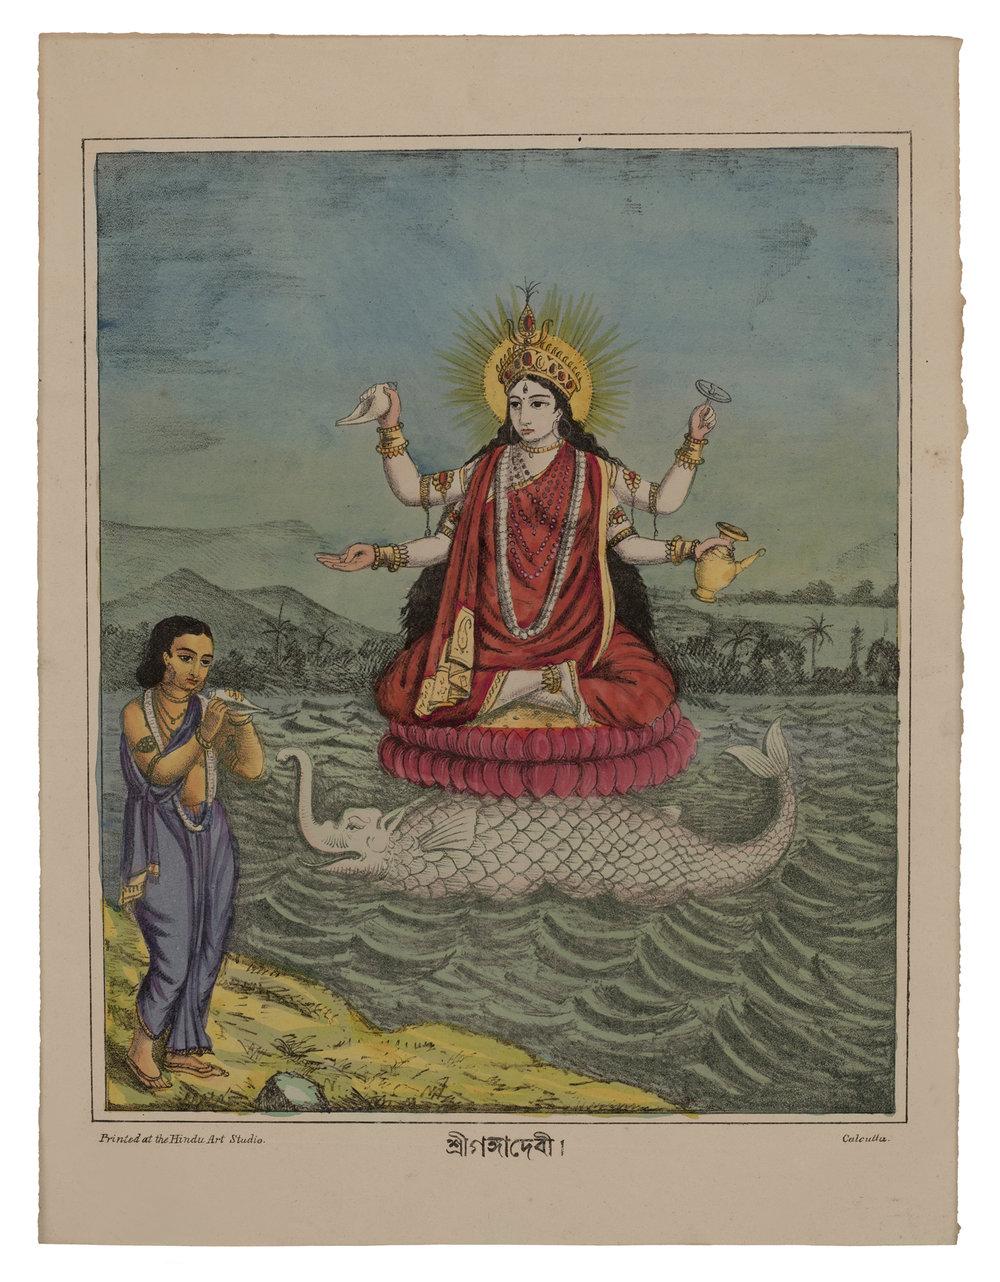 Sri Ganga Devi